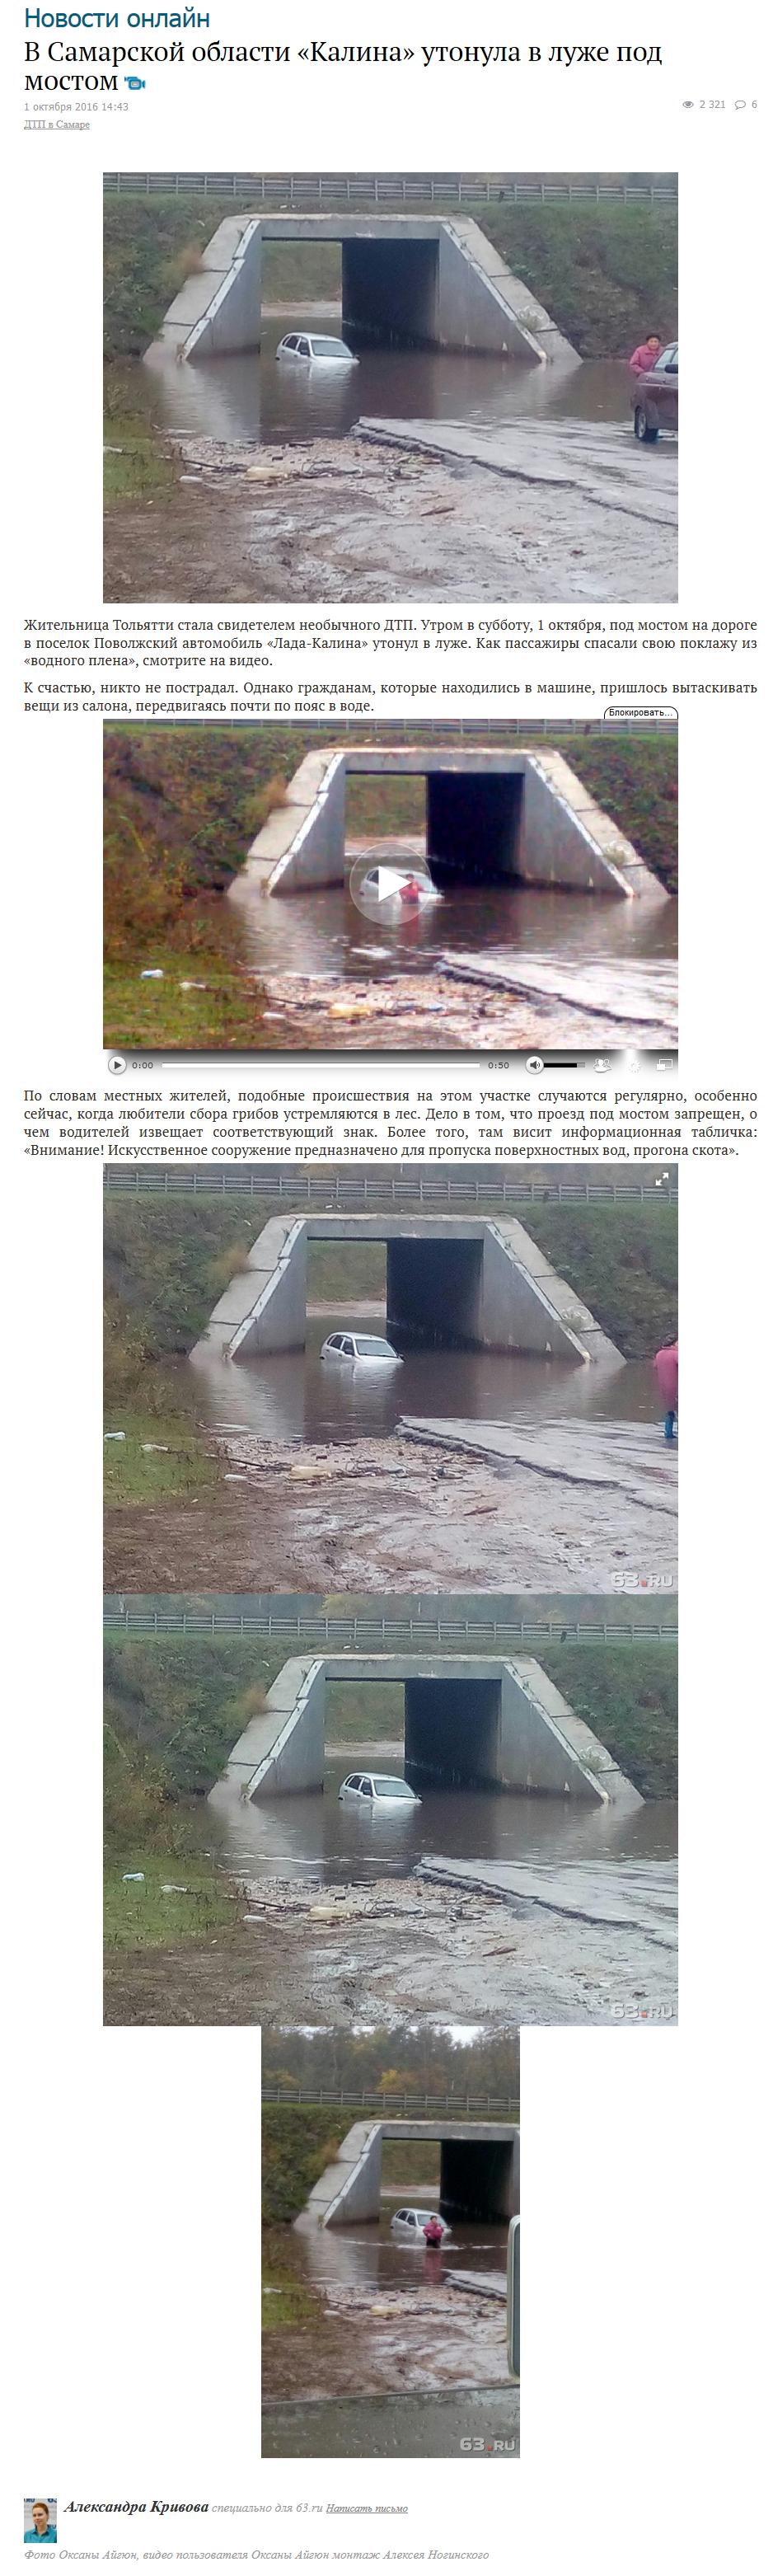 В Самарской области «Калина» утонула в луже под мостом - Новости онлайн'.png - -